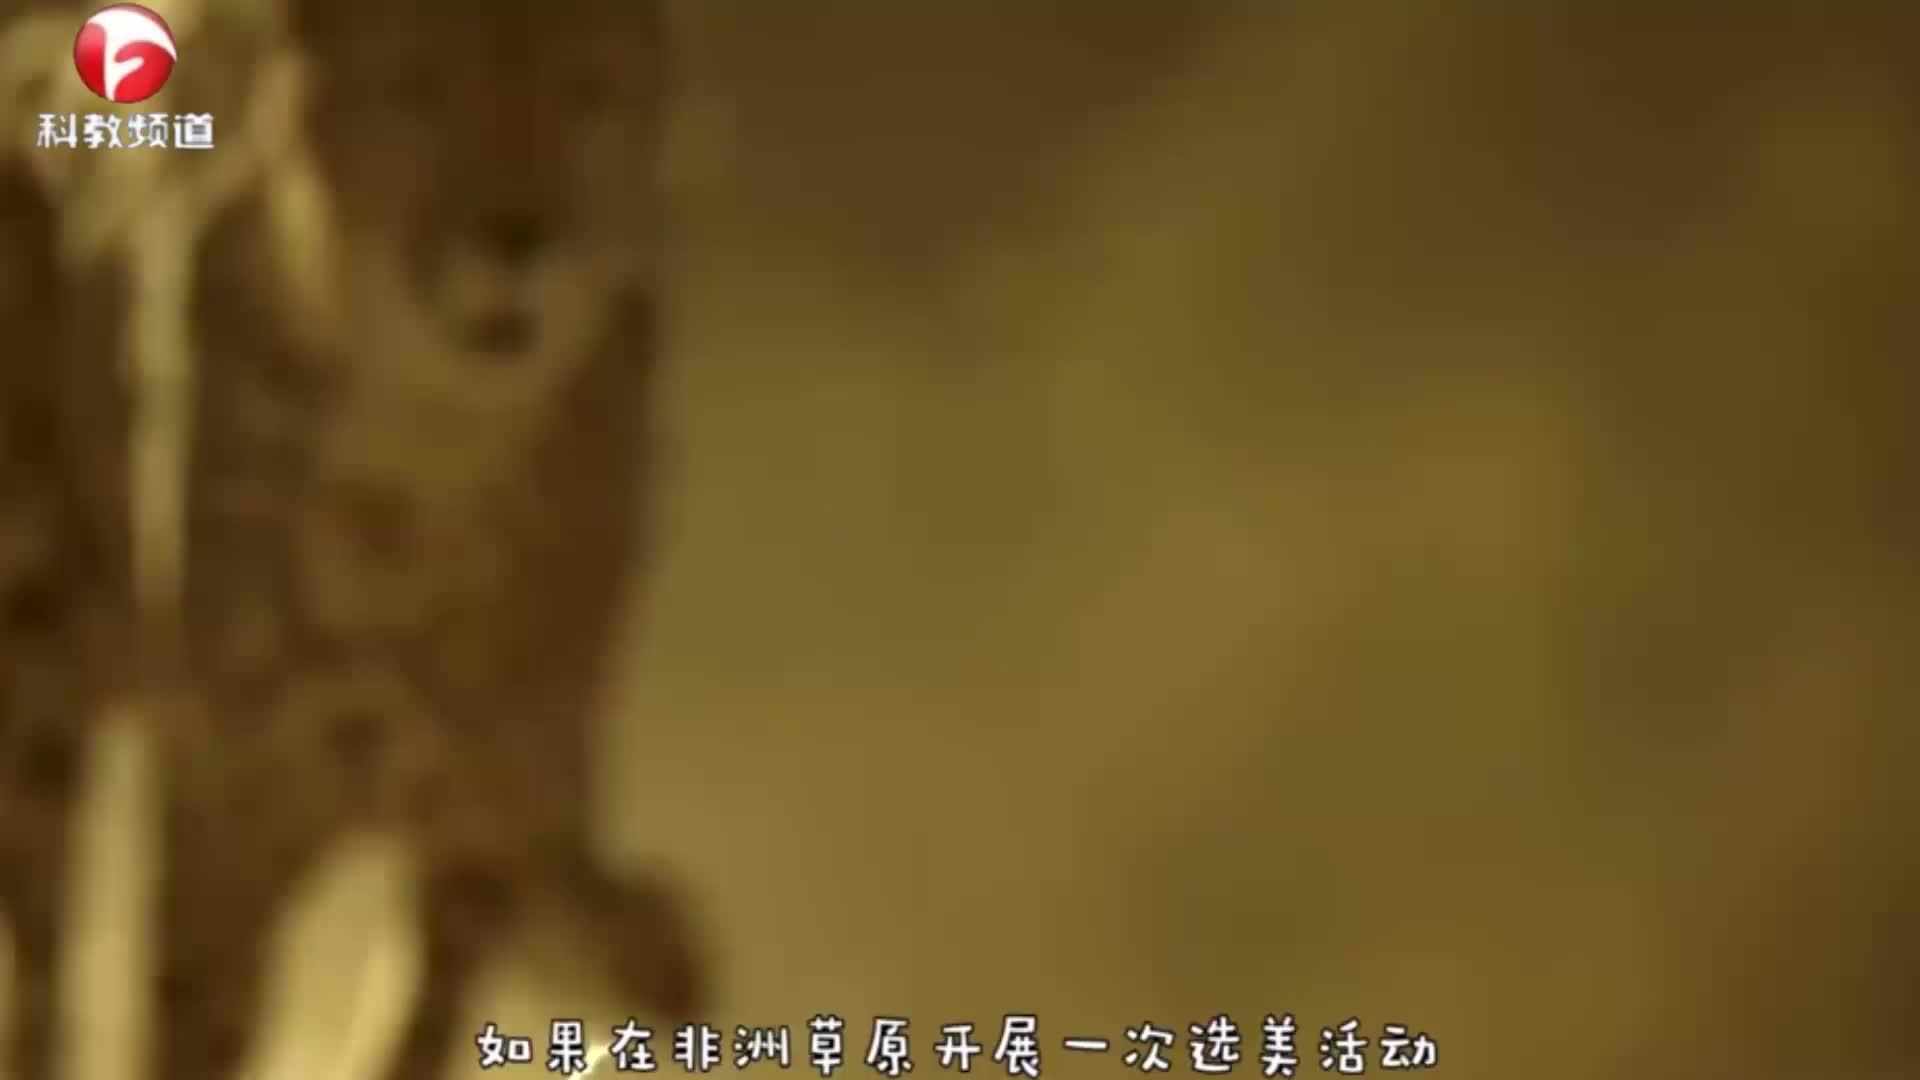 猎豹将瞪羚按在地上,被瞪羚重伤,真是出人意料!